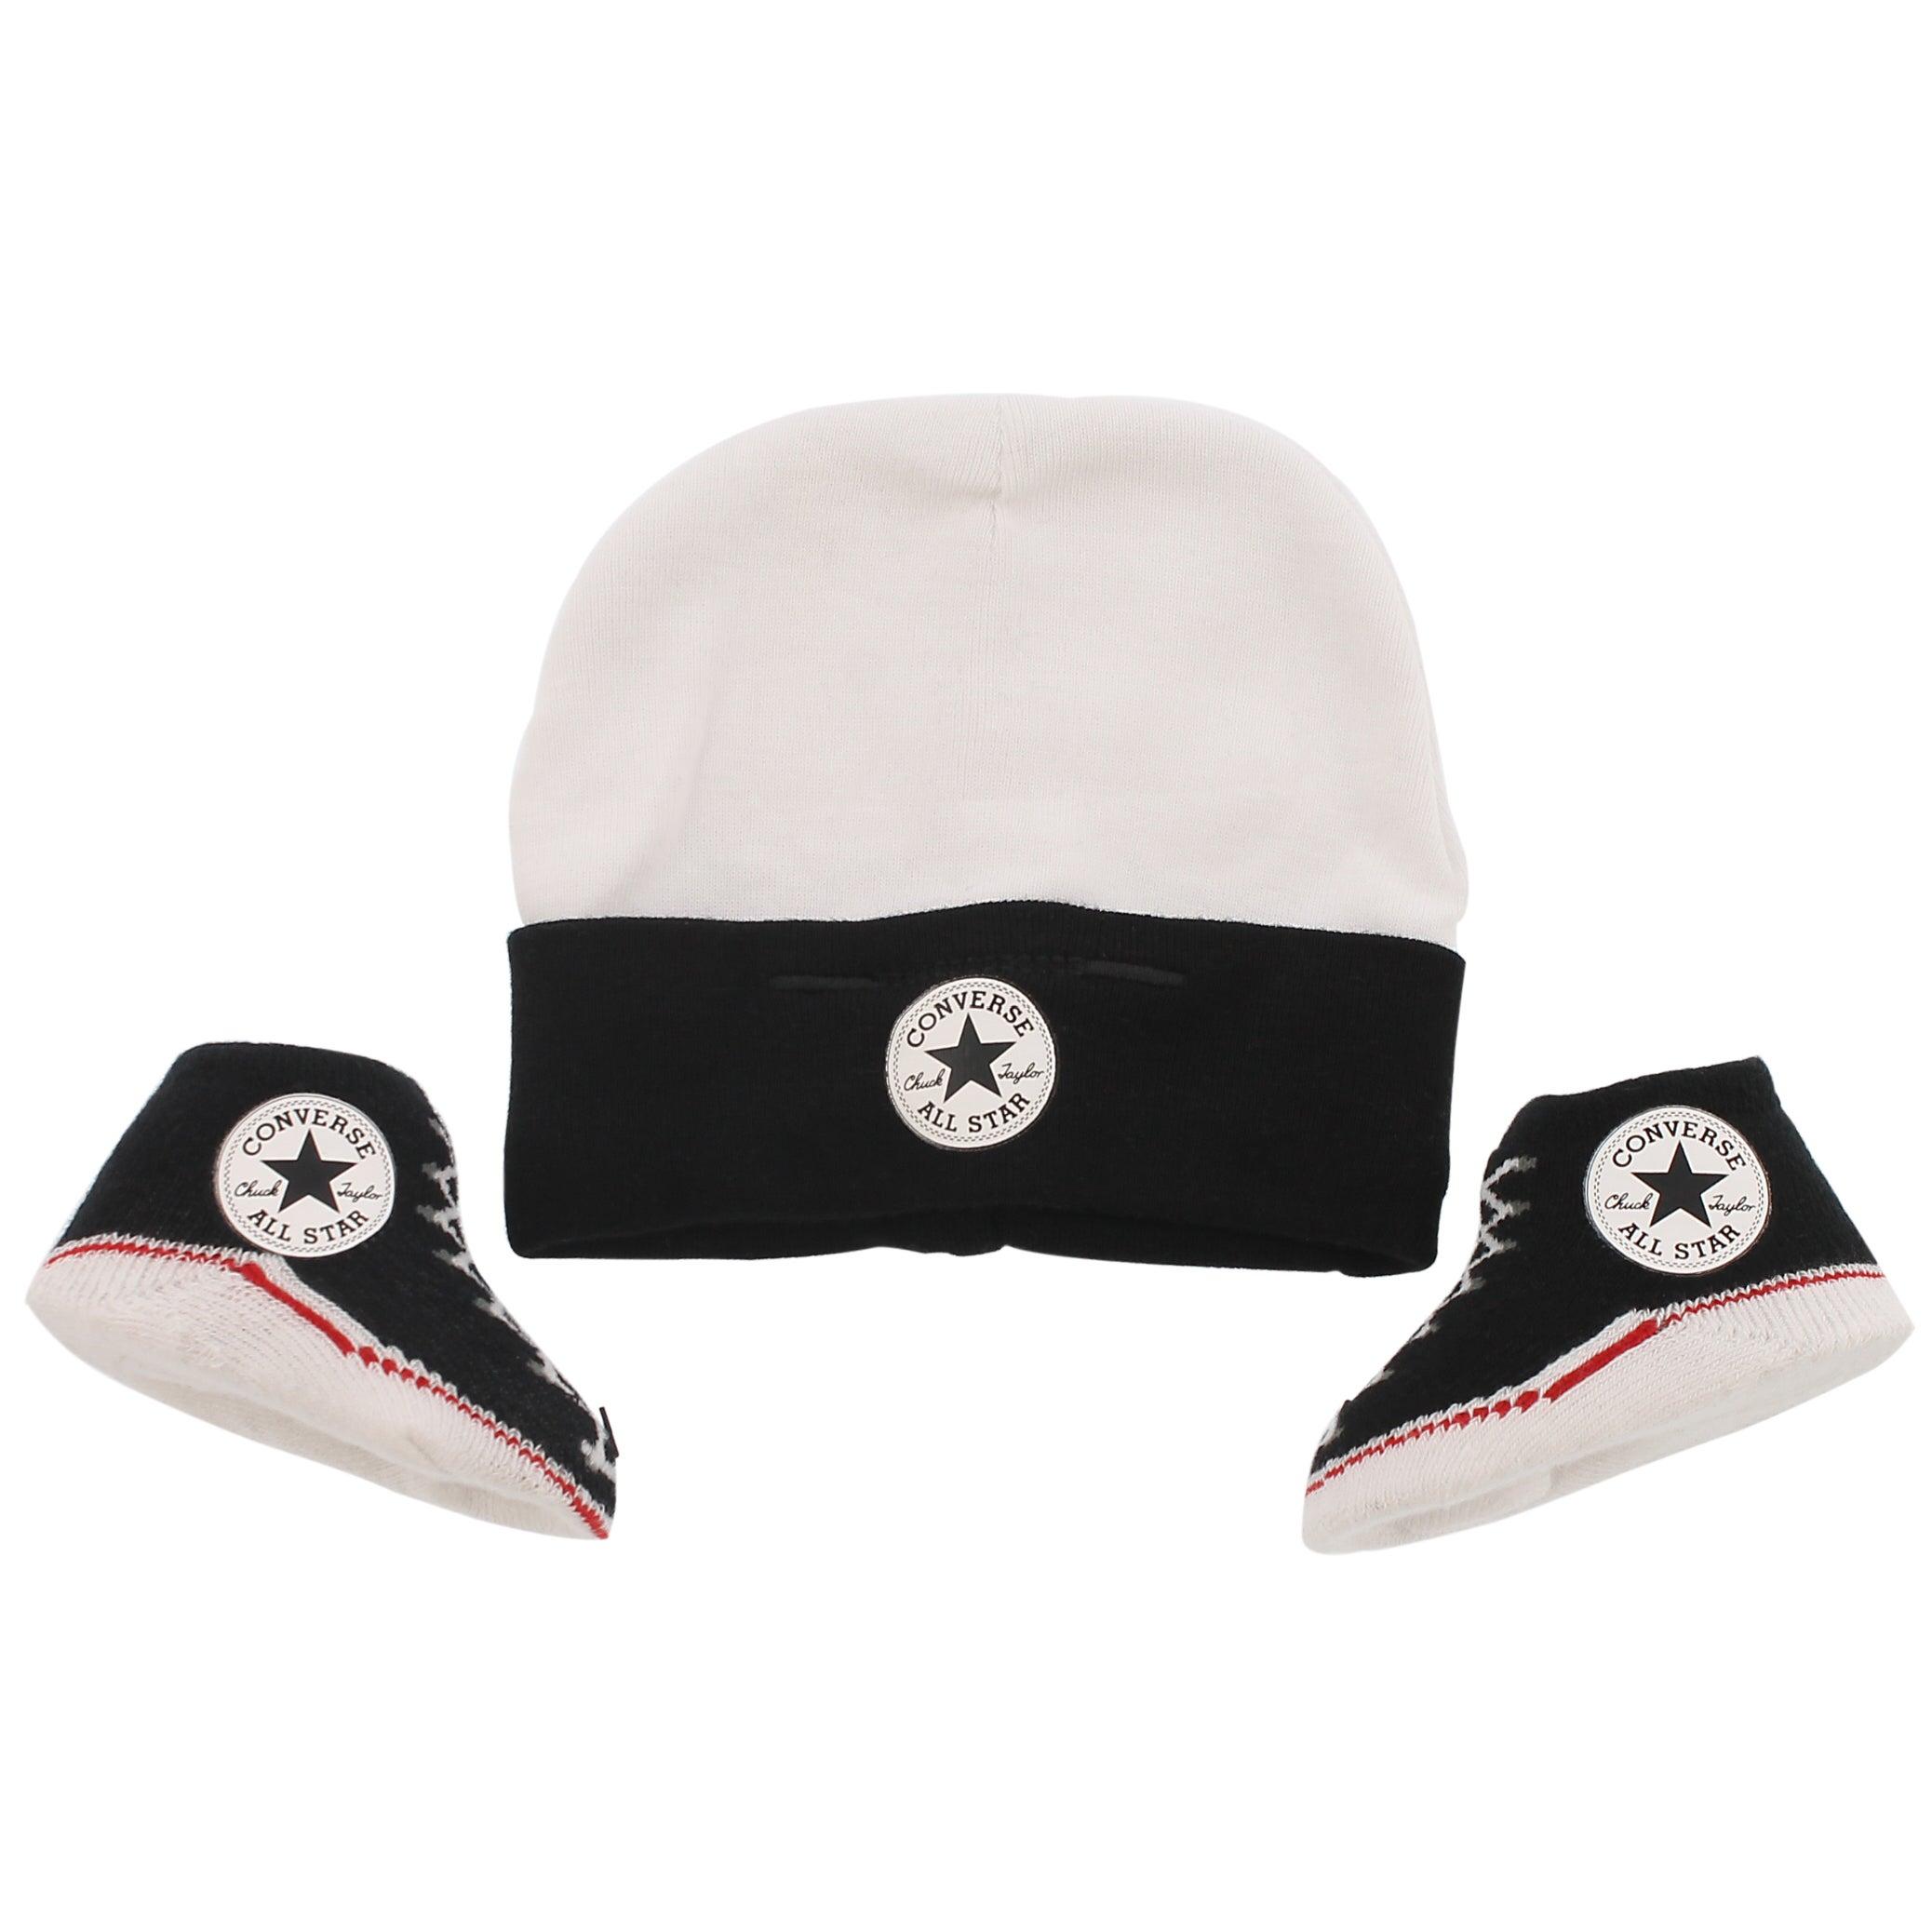 Infants' CONVERSE black hat & bootie combo